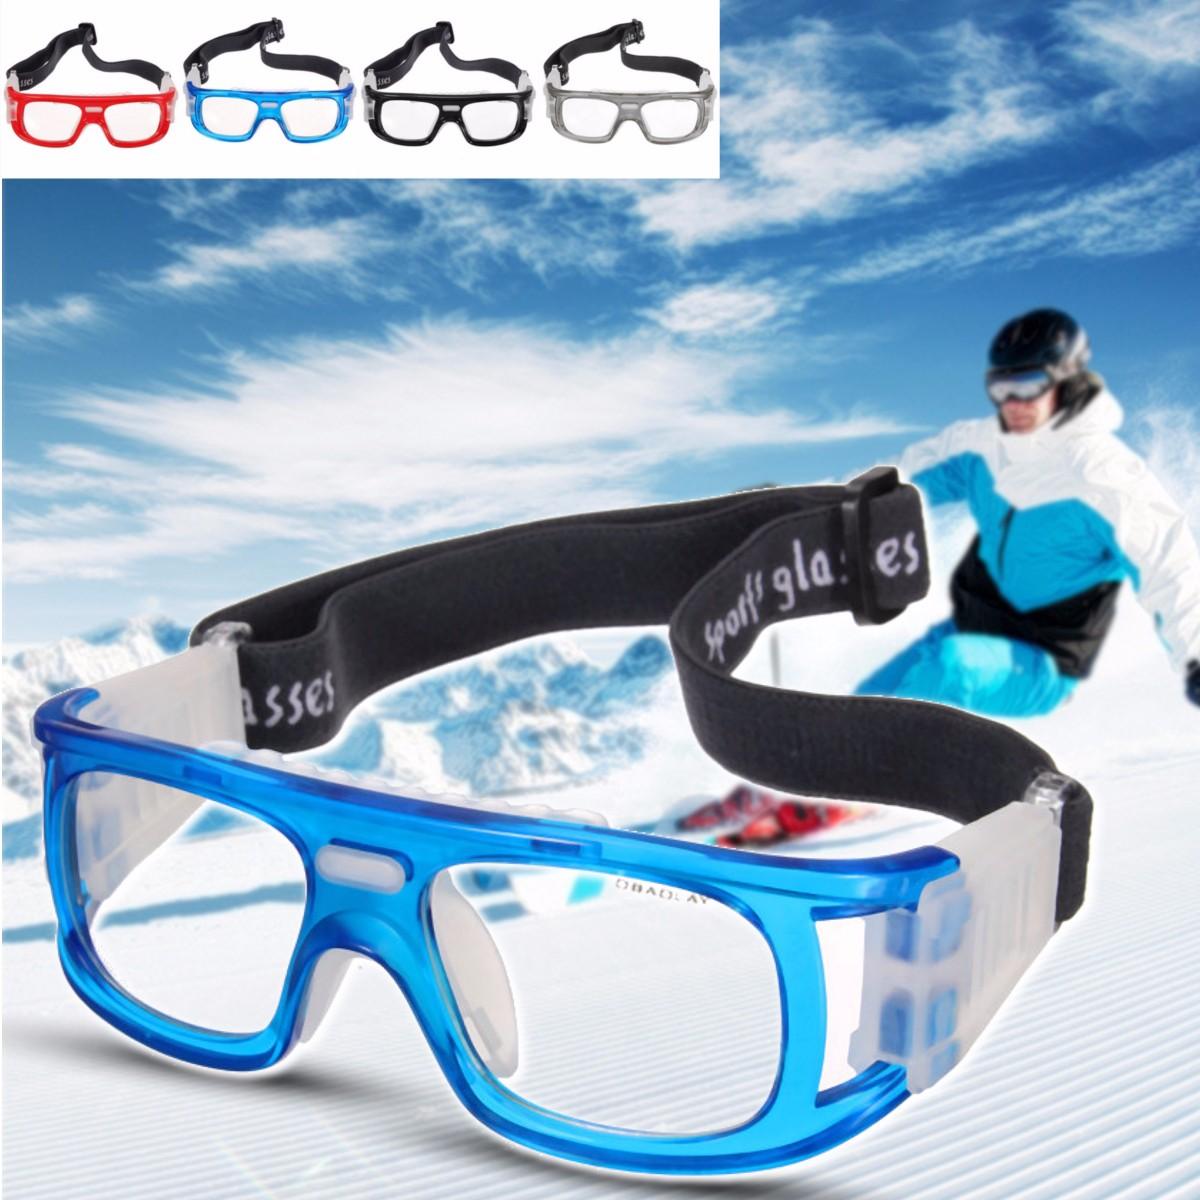 f0c40e4d78 La imagen se está cargando Gafas-Sol-Ojo-Proteccion-Elastico-Baloncesto- Futbol-Deportes-